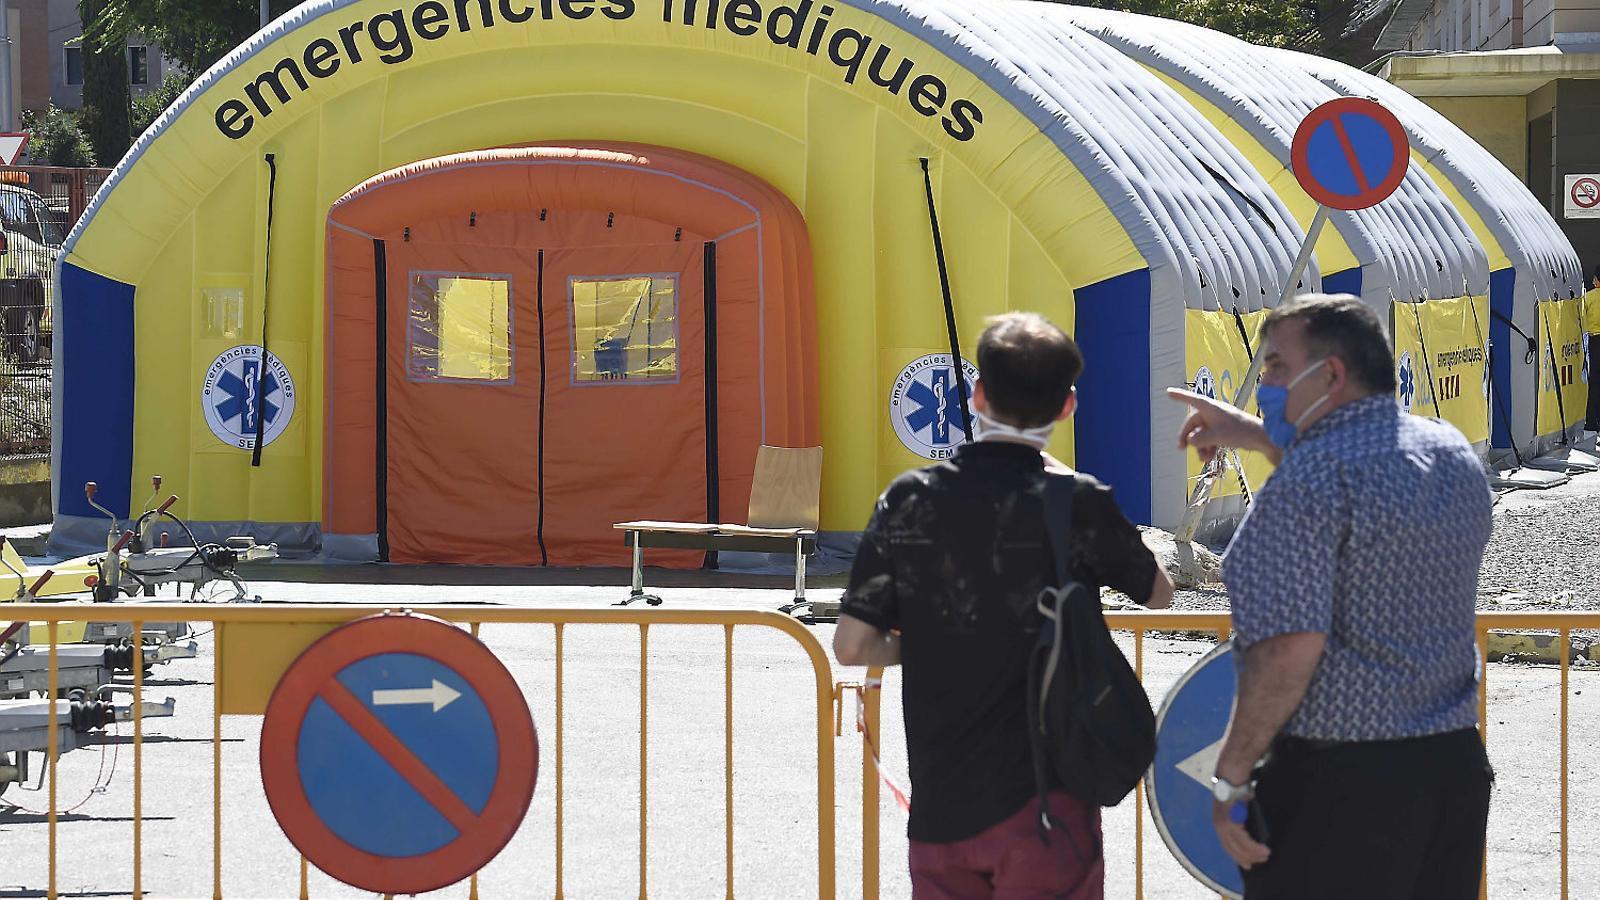 Les carpes a l'exterior de l'Hospital Arnau de Vilanova de Lleida divendres a la tarda. / SANTI IGLESIAS